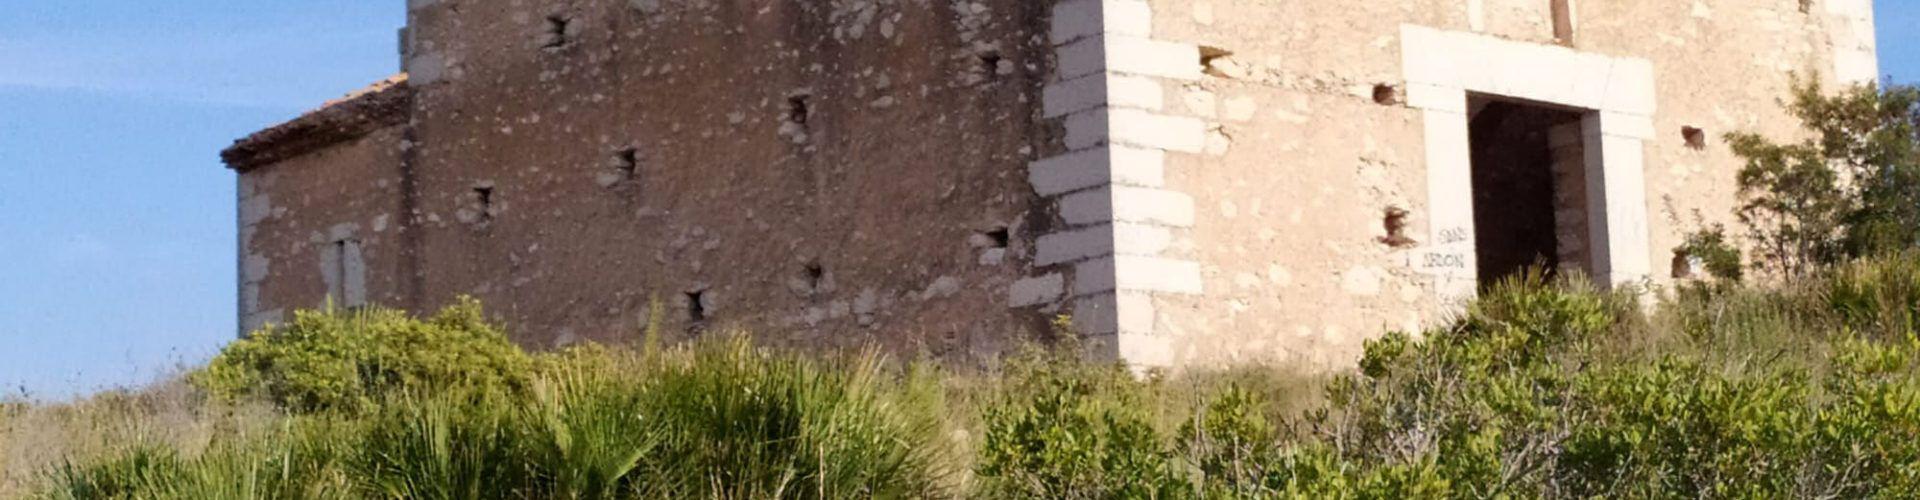 Fotos: Ermita de Sant Abdón i Sant Senén, al Puig de la Nao de Benicarló